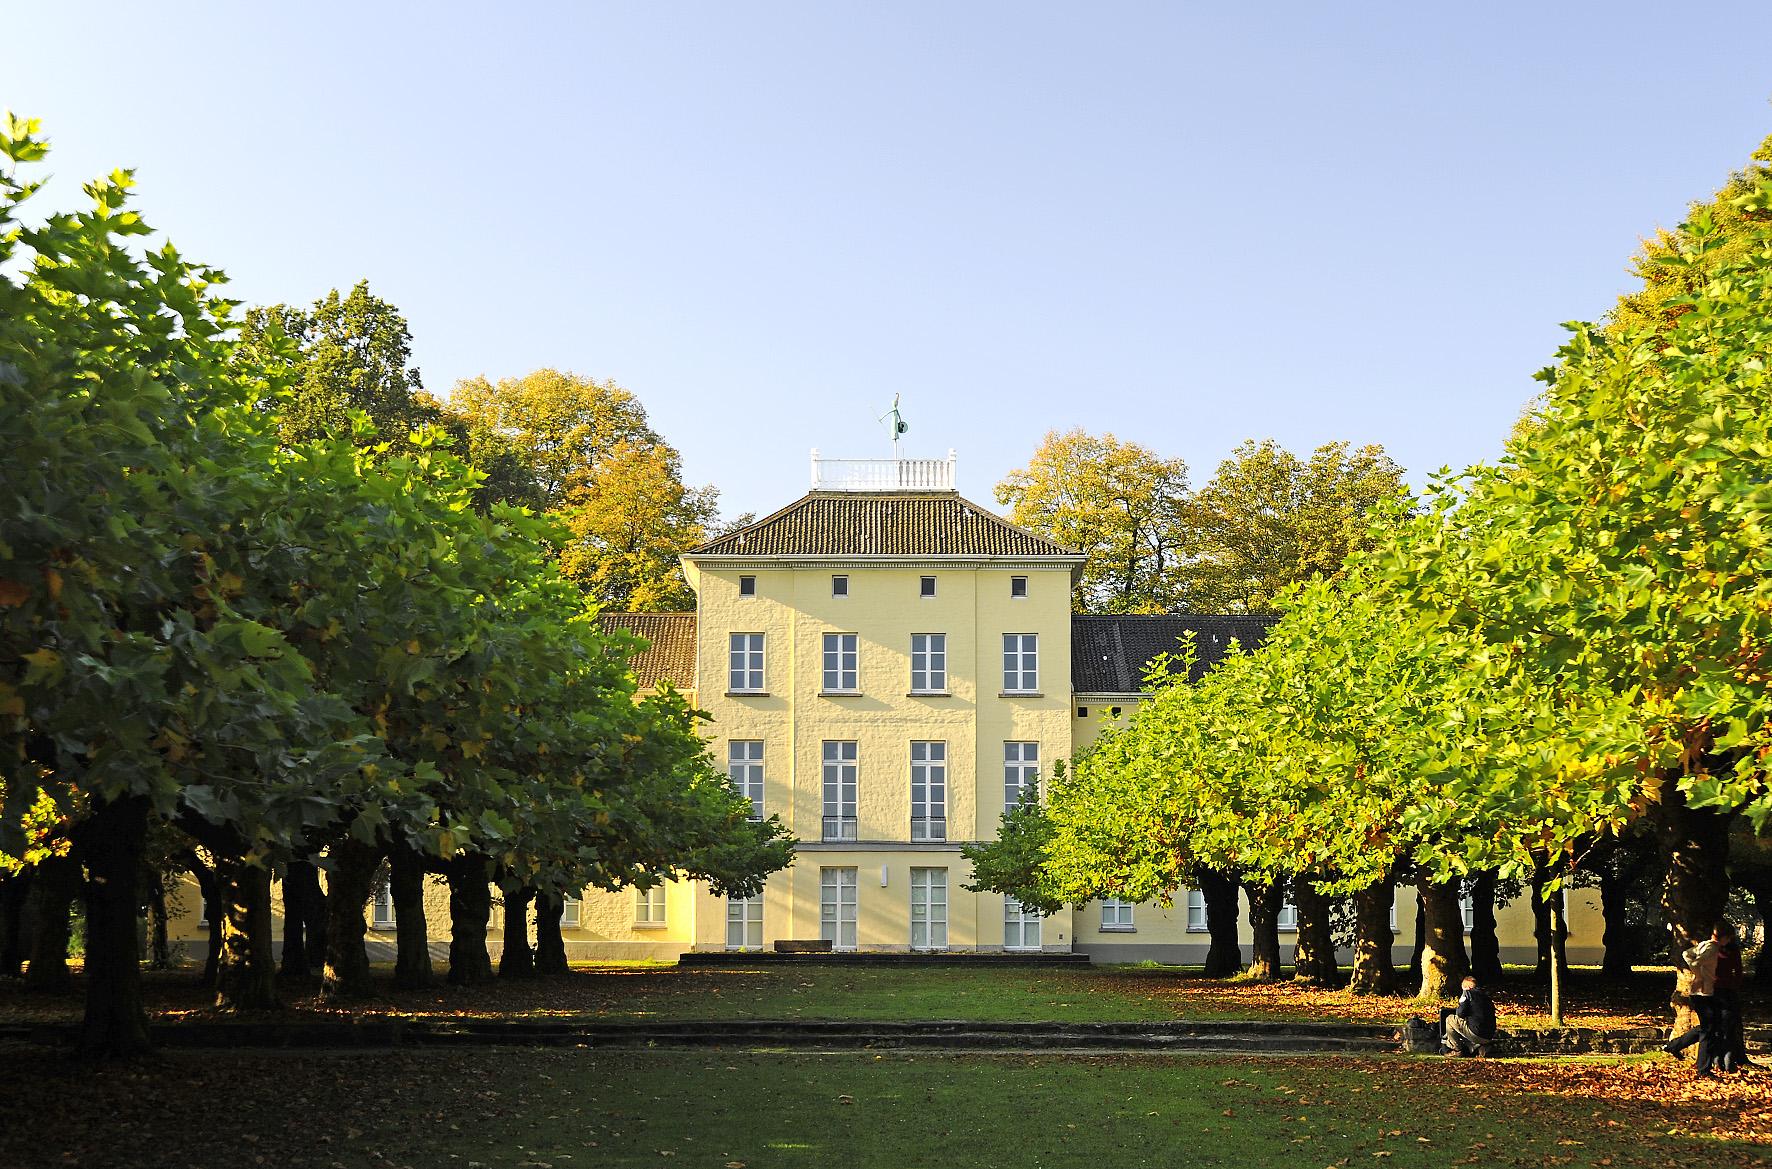 The Lower Rhine Hochschule Niederrhein